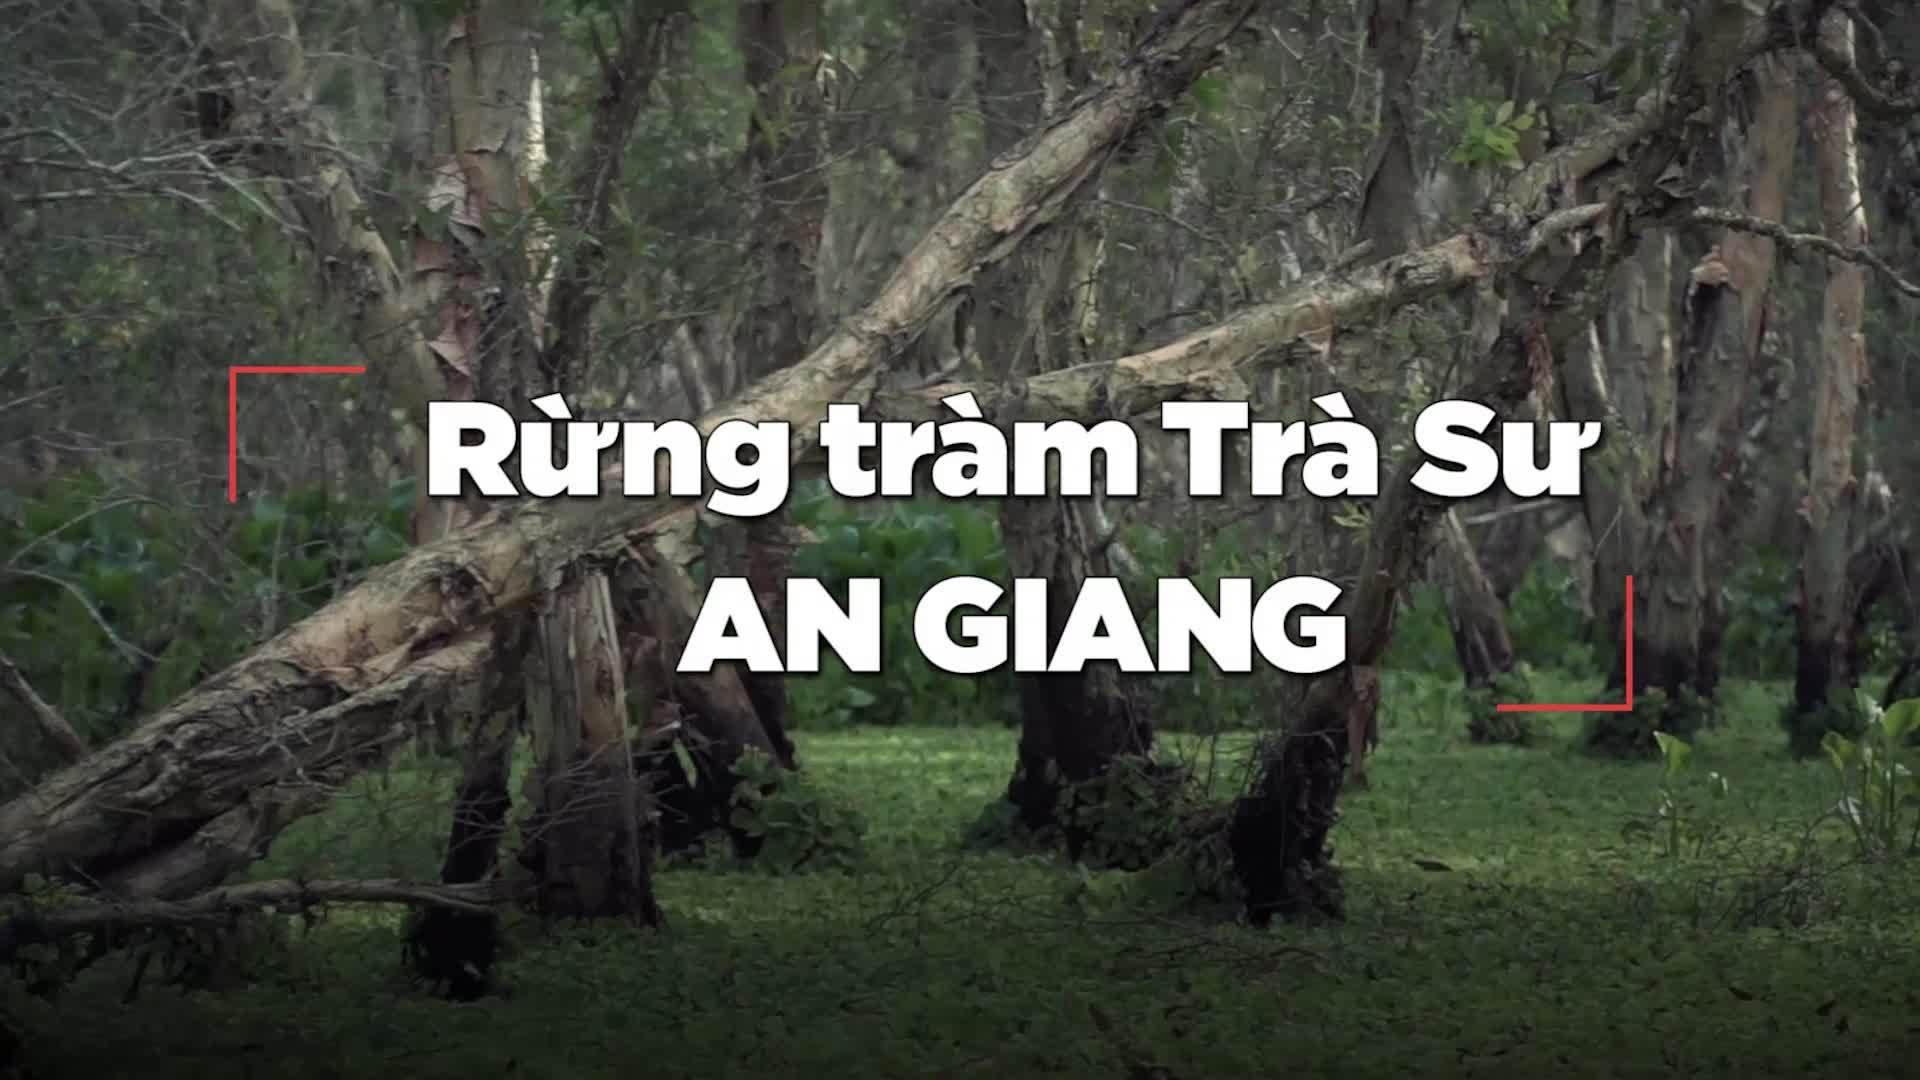 60 giây khám phá rừng tràm đẹp nhất Việt Nam